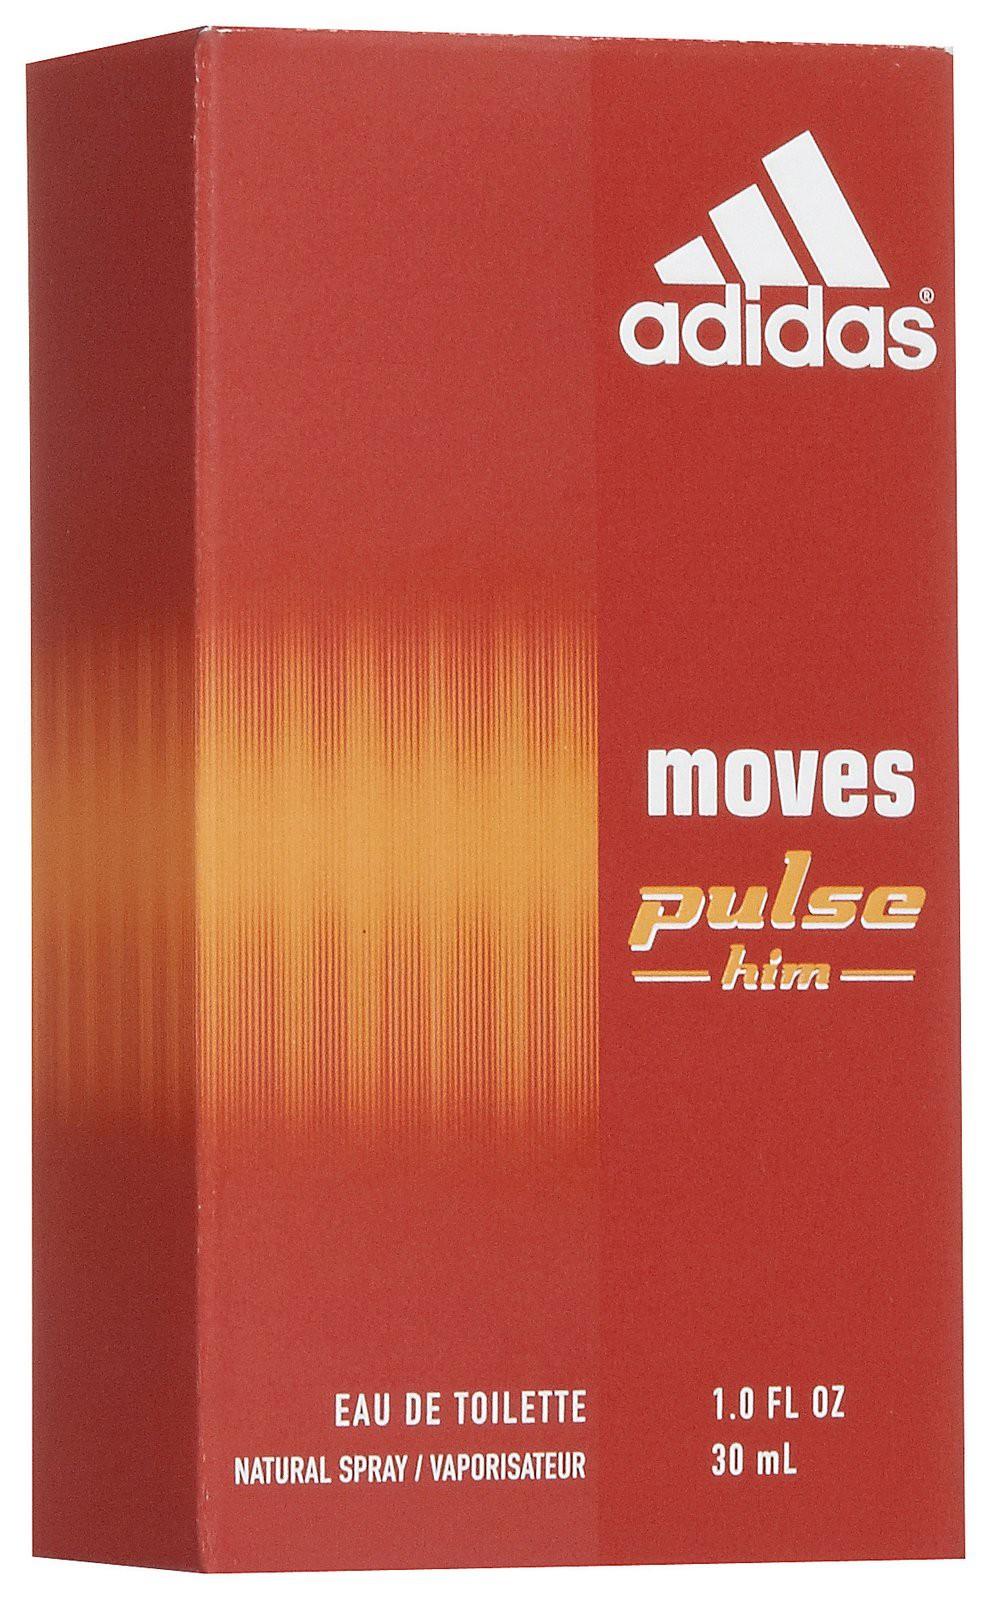 Adidas Moves Pulse Him аромат для мужчин